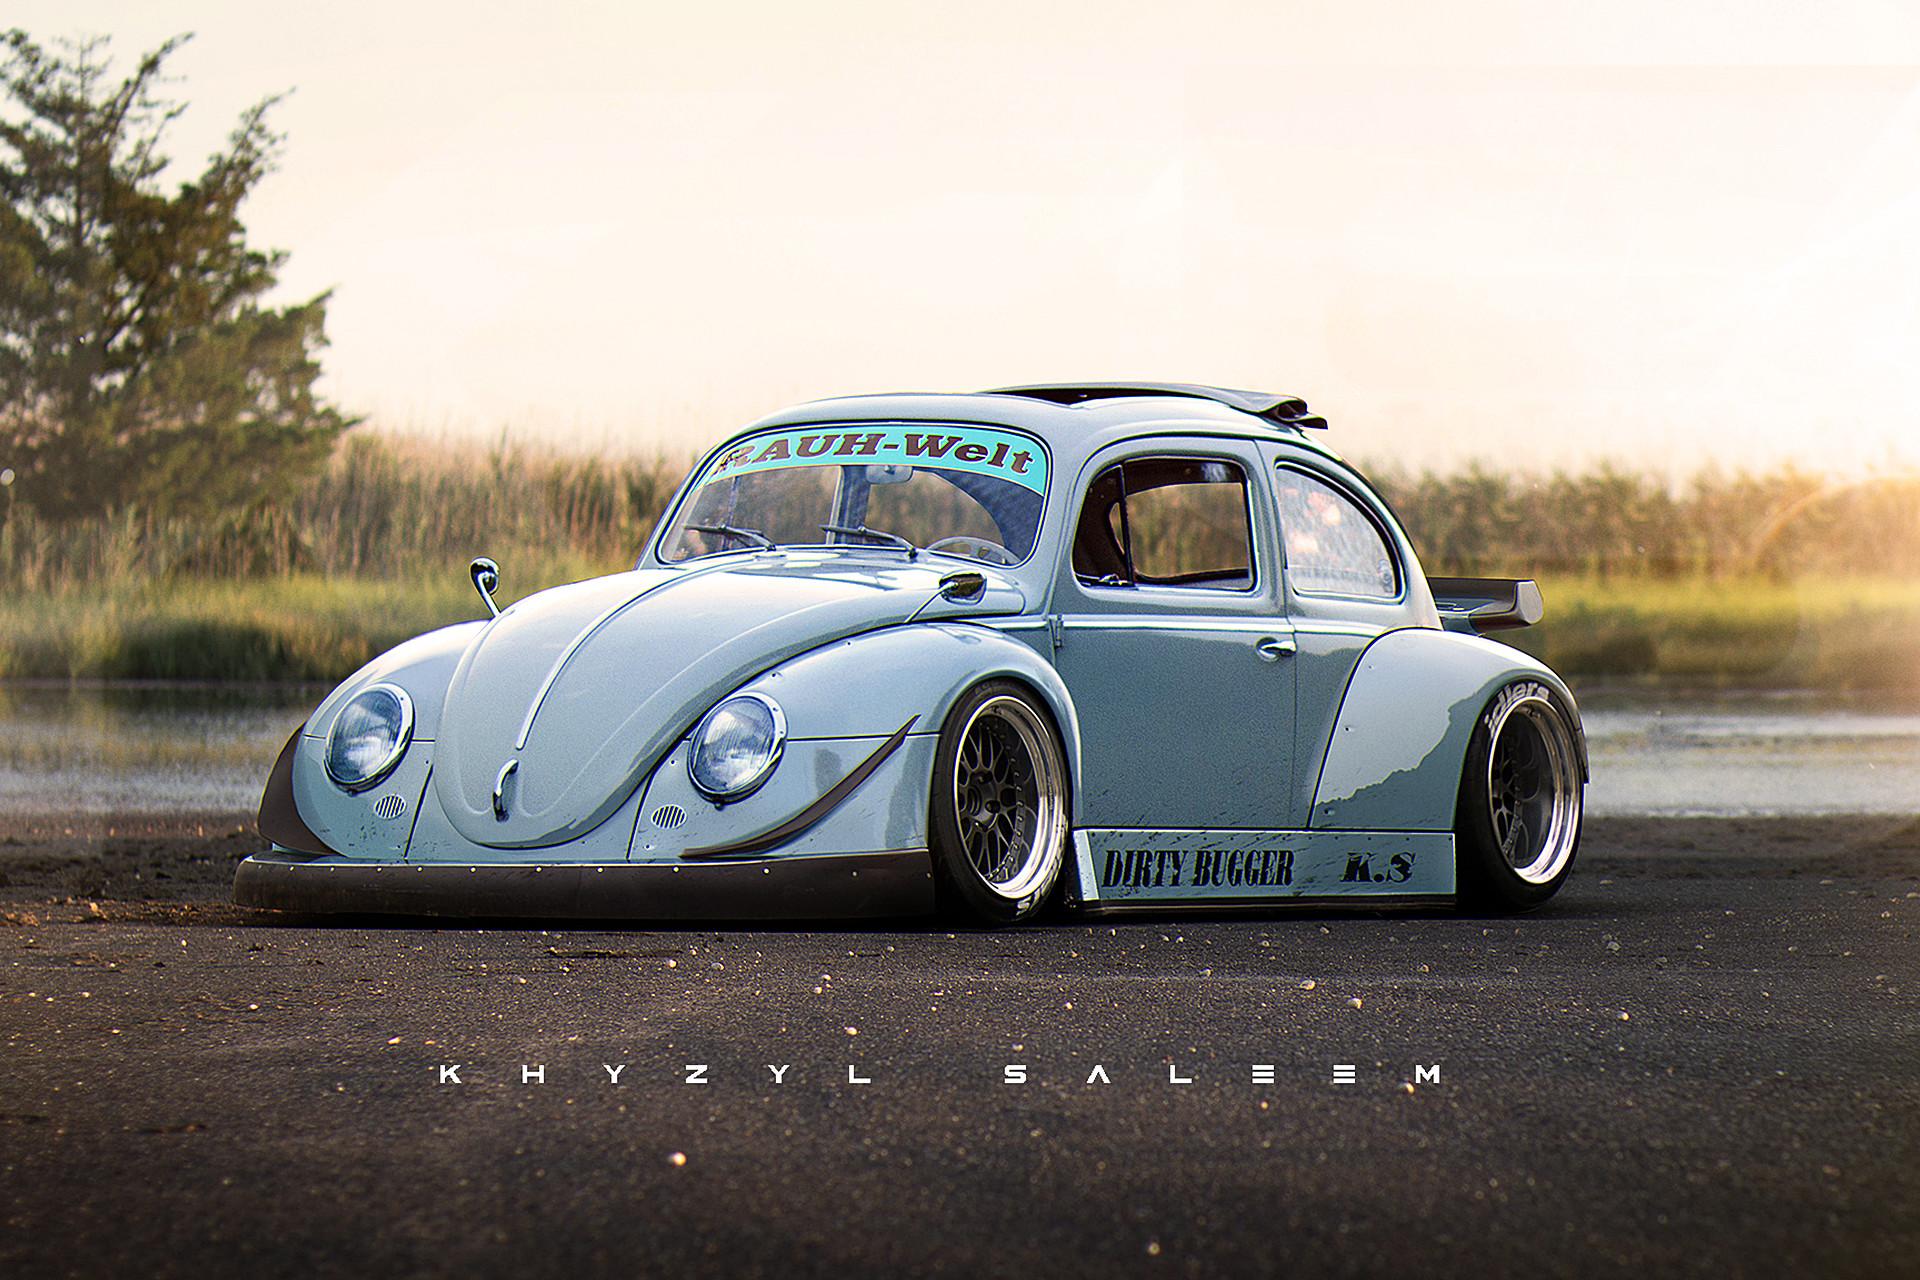 Khyzyl saleem rwb bug